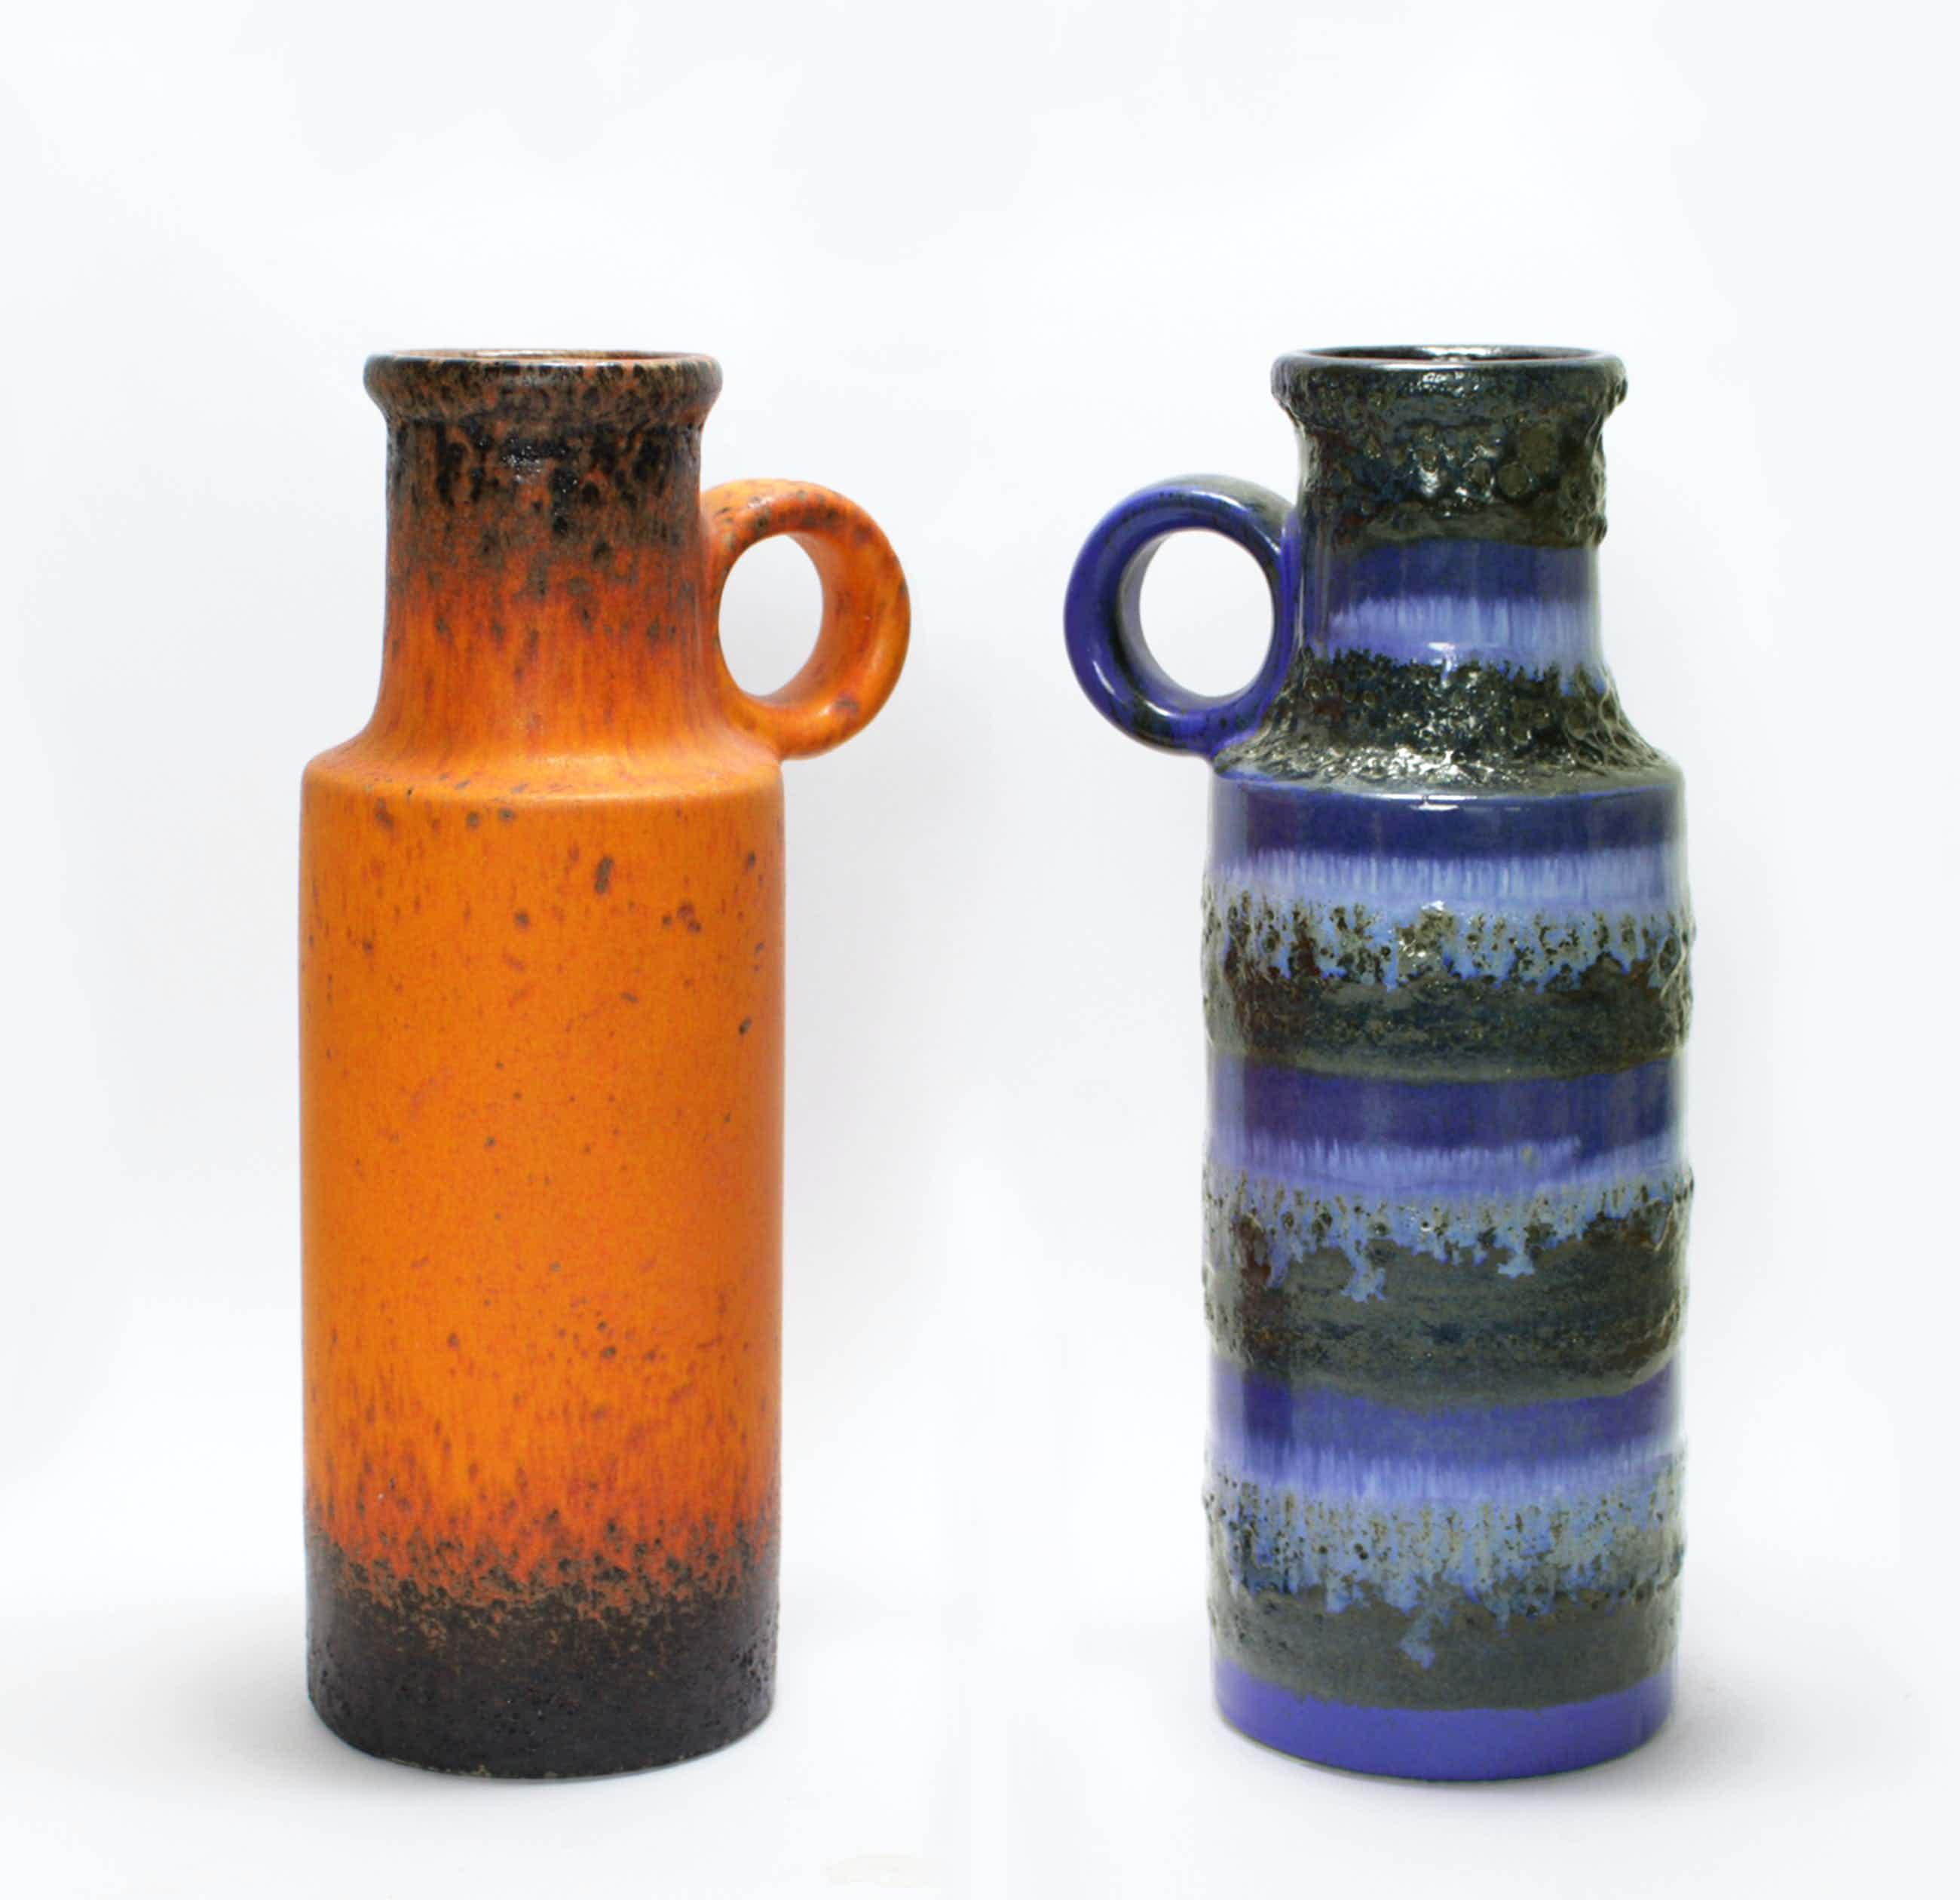 Scheurich Keramik - 2 Fat Lava vazen - model 401/28 kopen? Bied vanaf 45!